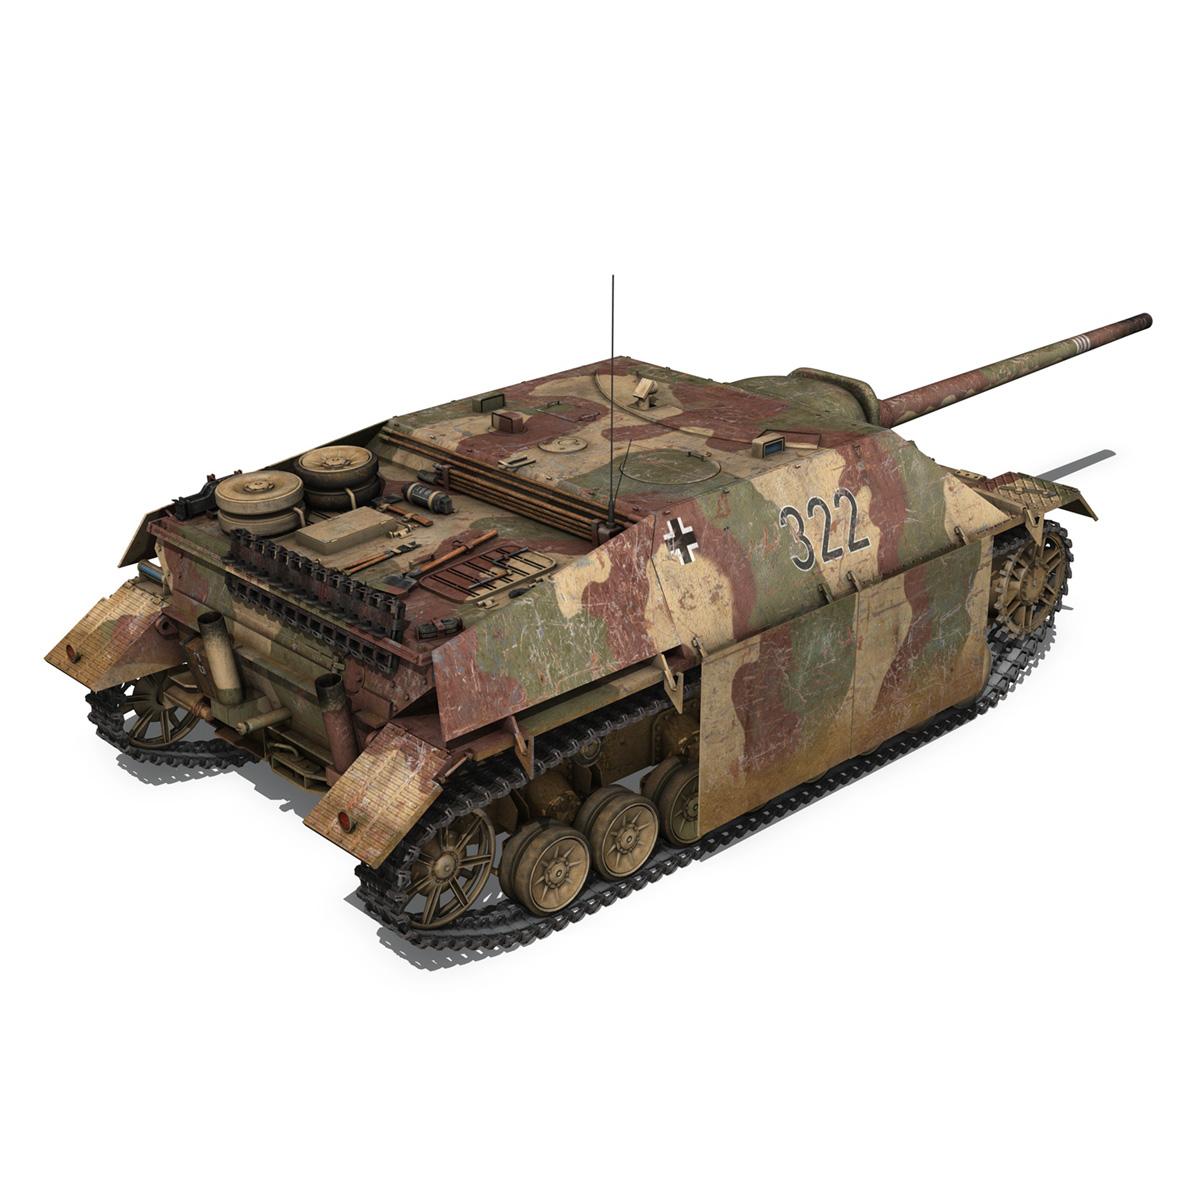 jagdpanzer iv l/70 (v) – 322 – late production 3d model 3ds fbx c4d lwo obj 280416